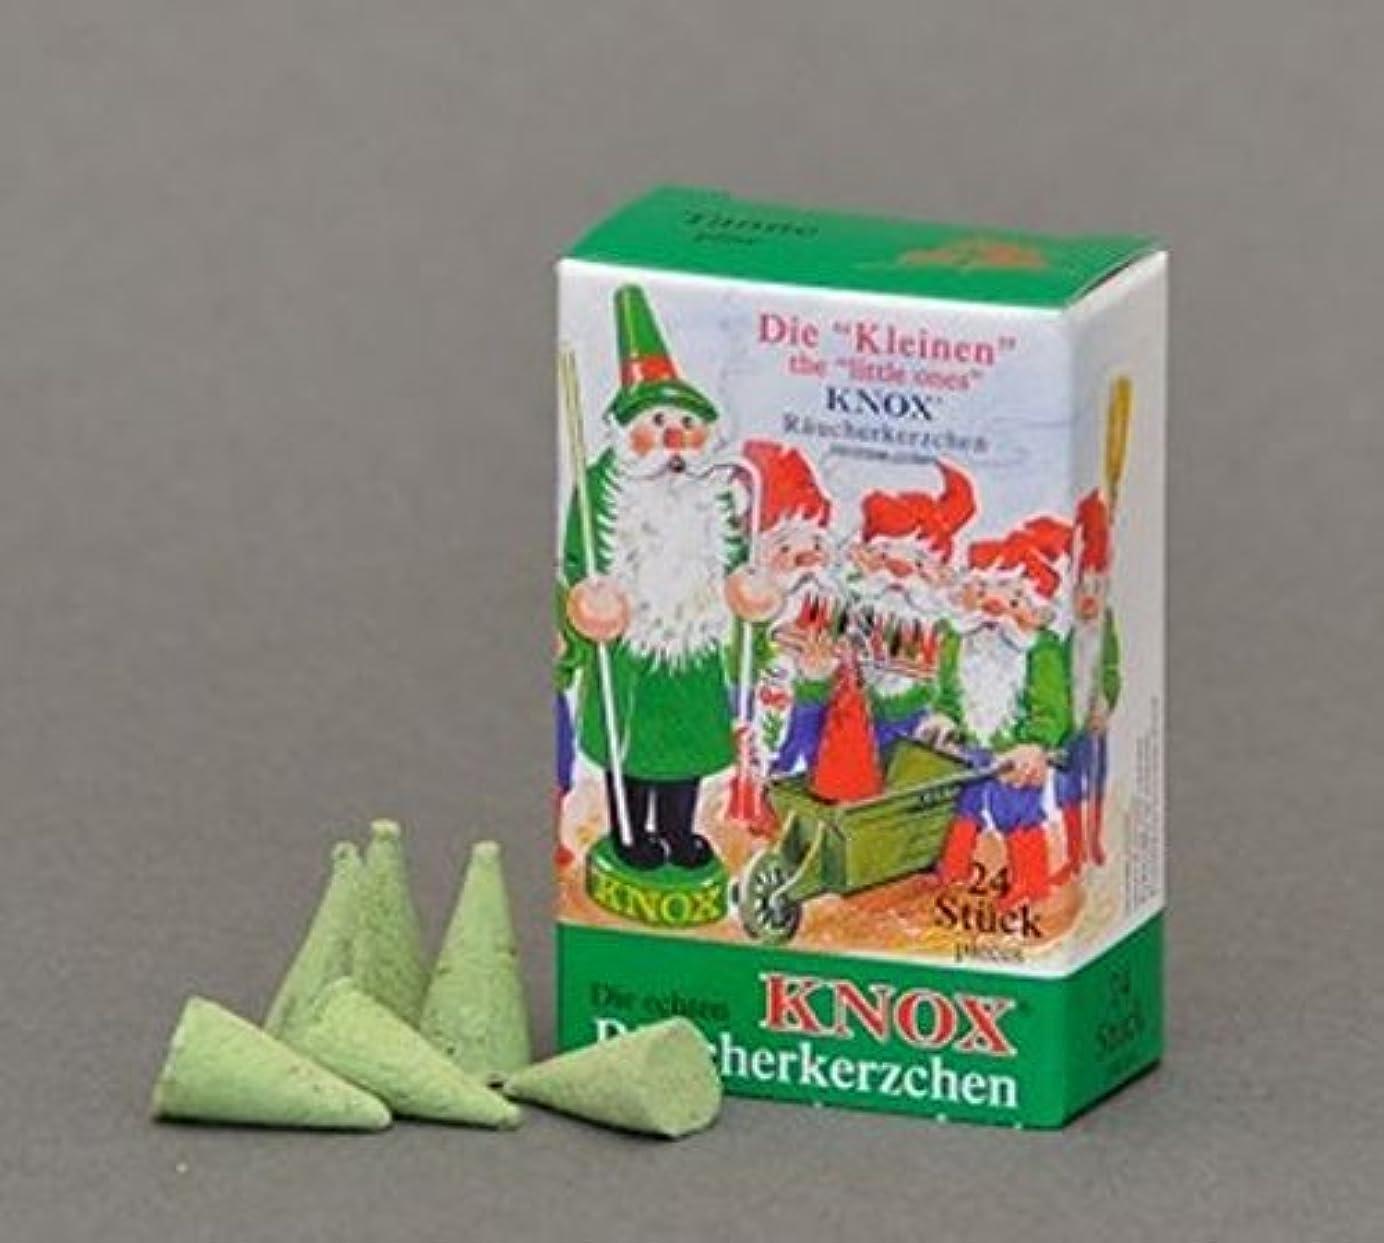 むちゃくちゃ教科書地上のKnox(ノックス) ミニ松の香り ドイツのお香コーン ドイツ製 クリスマスのスモーカー